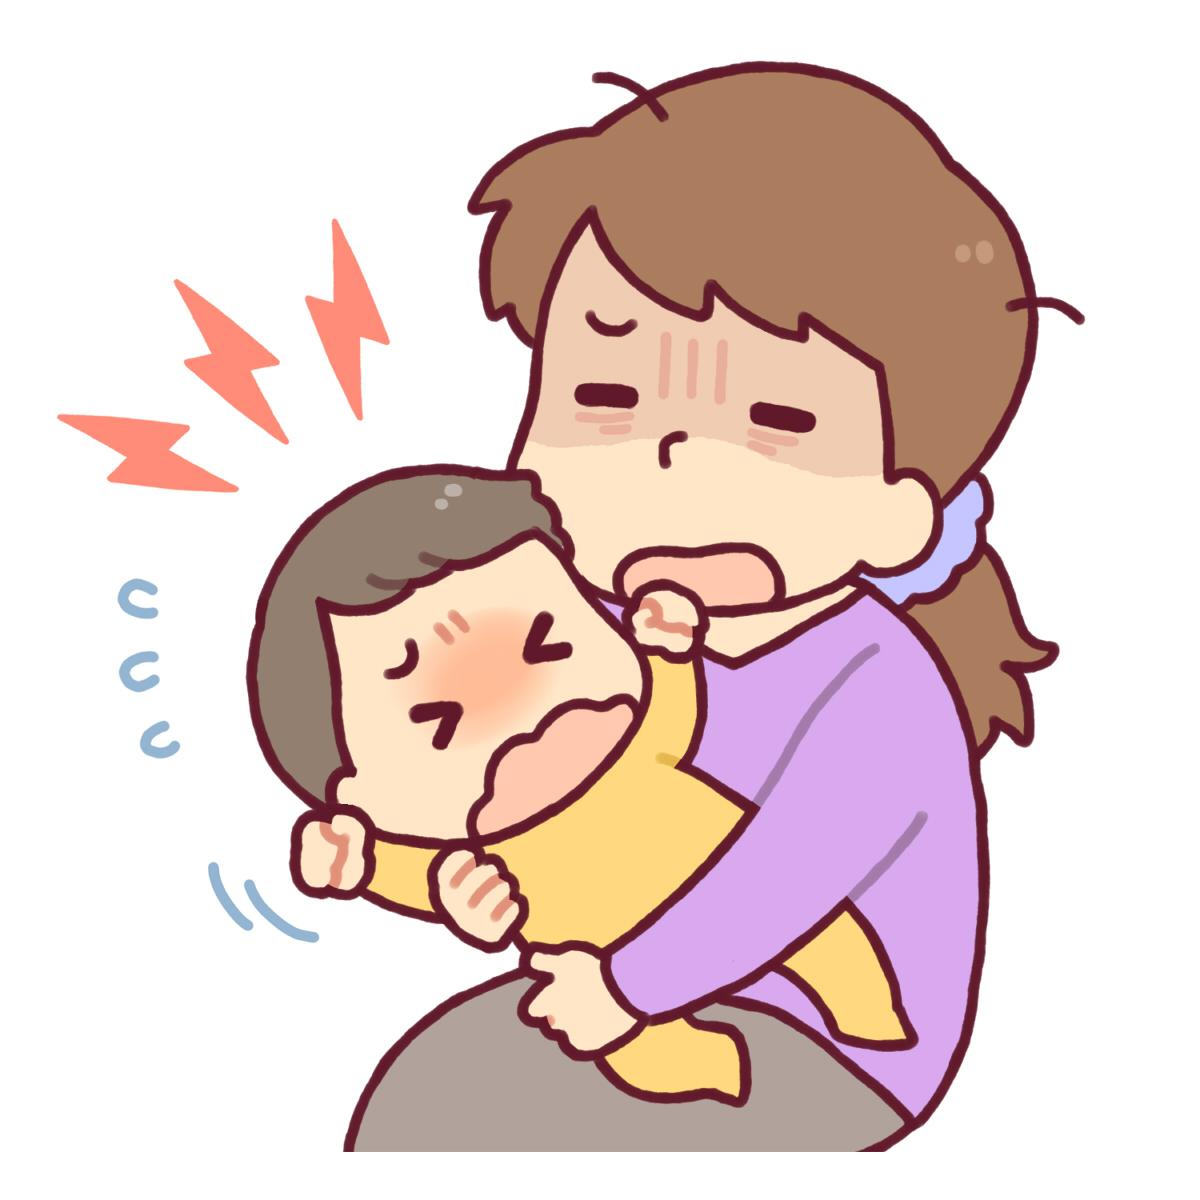 子育て 疲れ,子育て 疲れ 取れない,子育て 疲れ 癒やし方